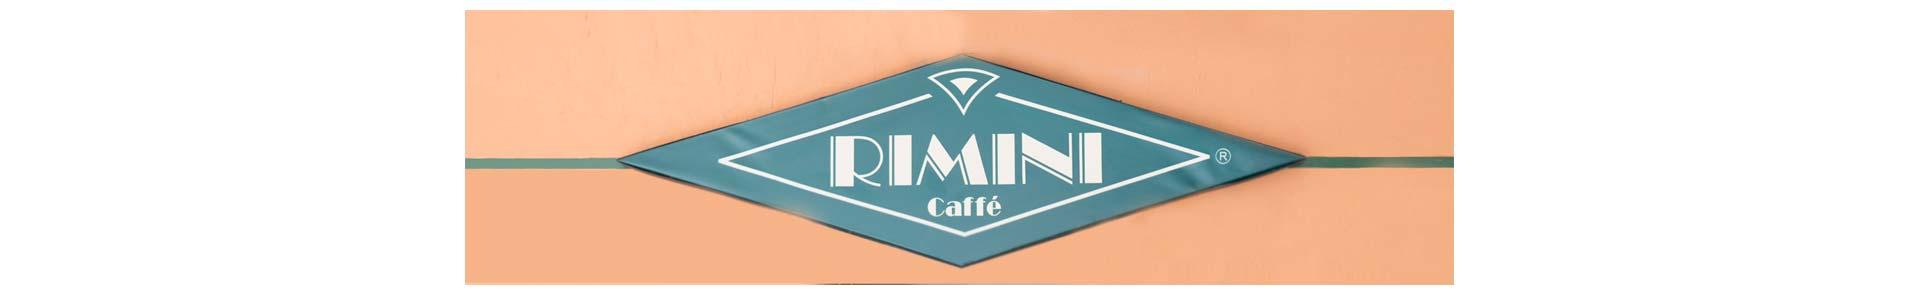 _Formato-header-rimini